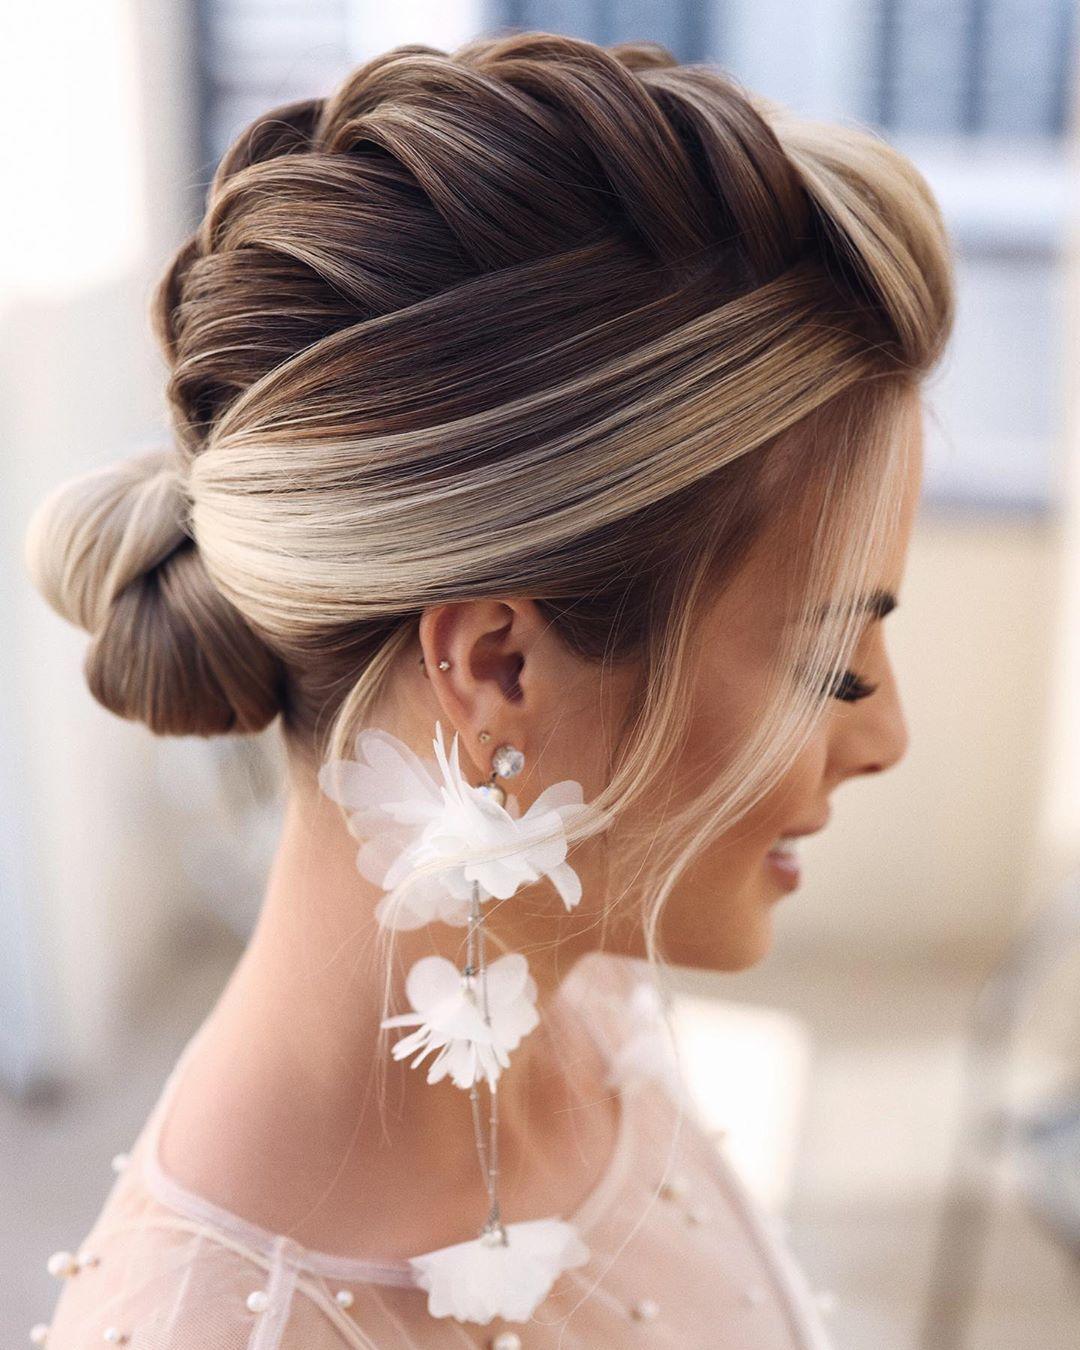 Meus Queridos Seguidores Brasileiros Estou Muito Feliz Em Anunciar O Inicio Da Venda Da Minha Long Hair Wedding Styles Shot Hair Styles Long Hair Styles